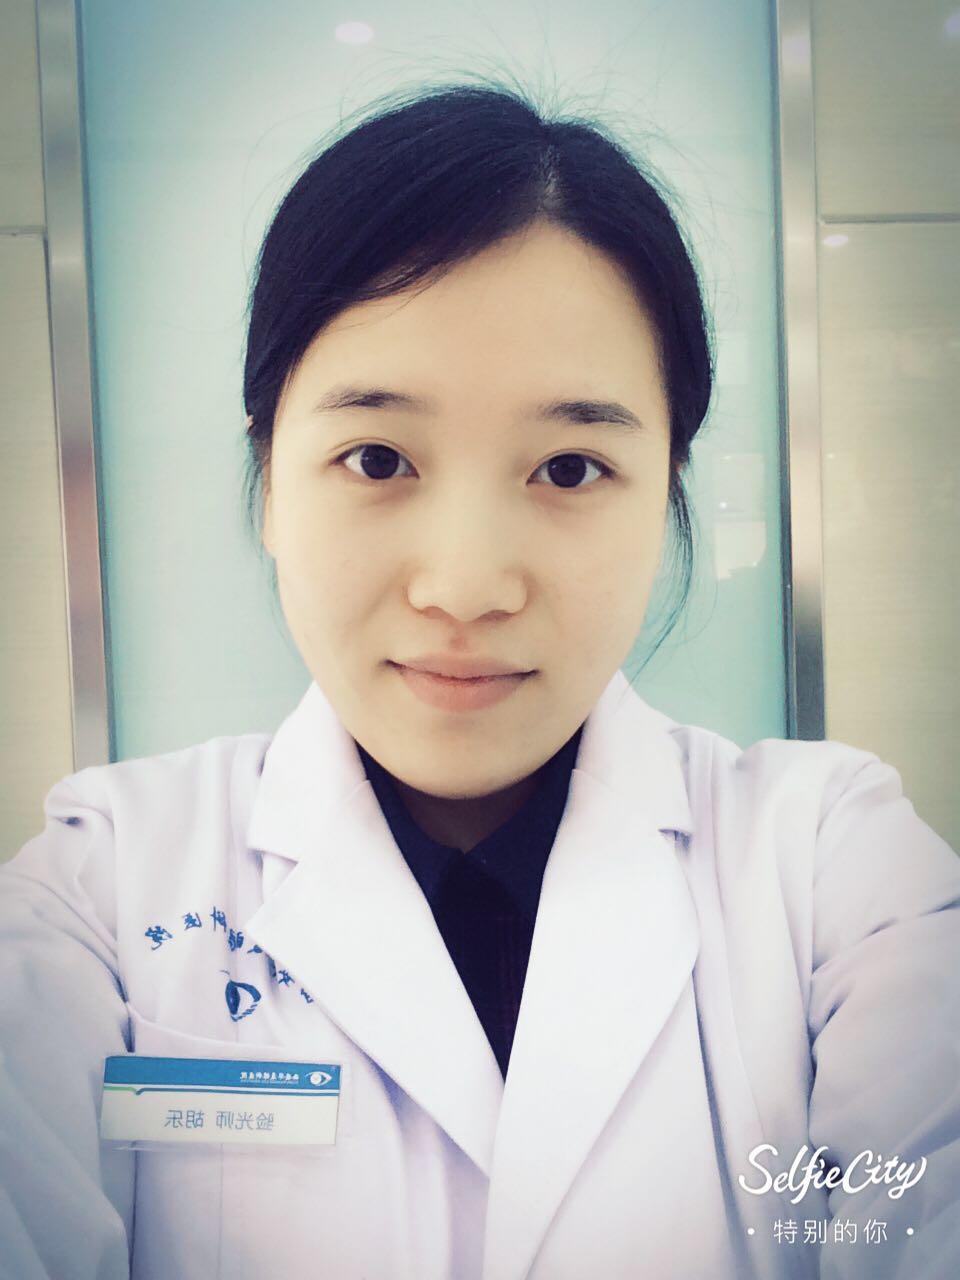 西安华厦眼科医院视光部护士小姐姐的近视手术术后感言